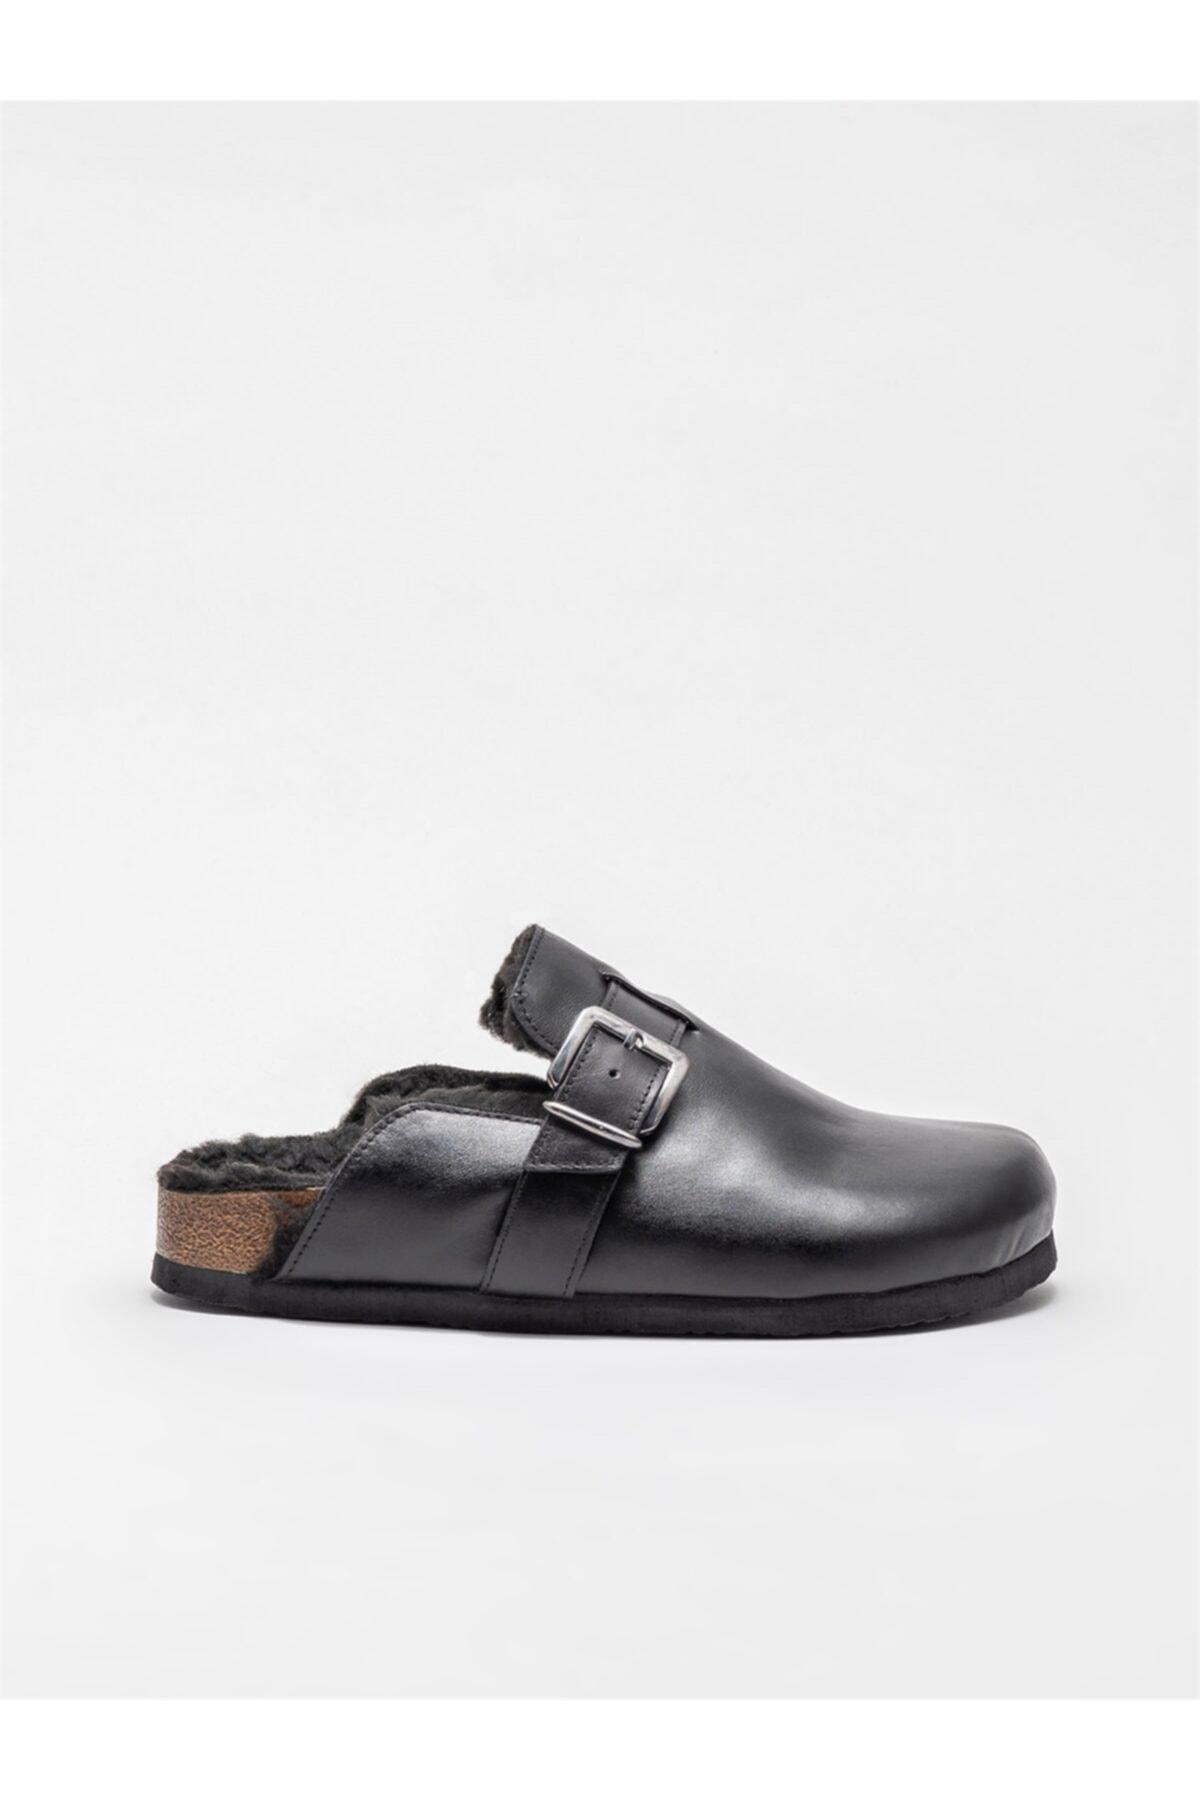 Elle Shoes Kadın Siyah Ev Terliği 1